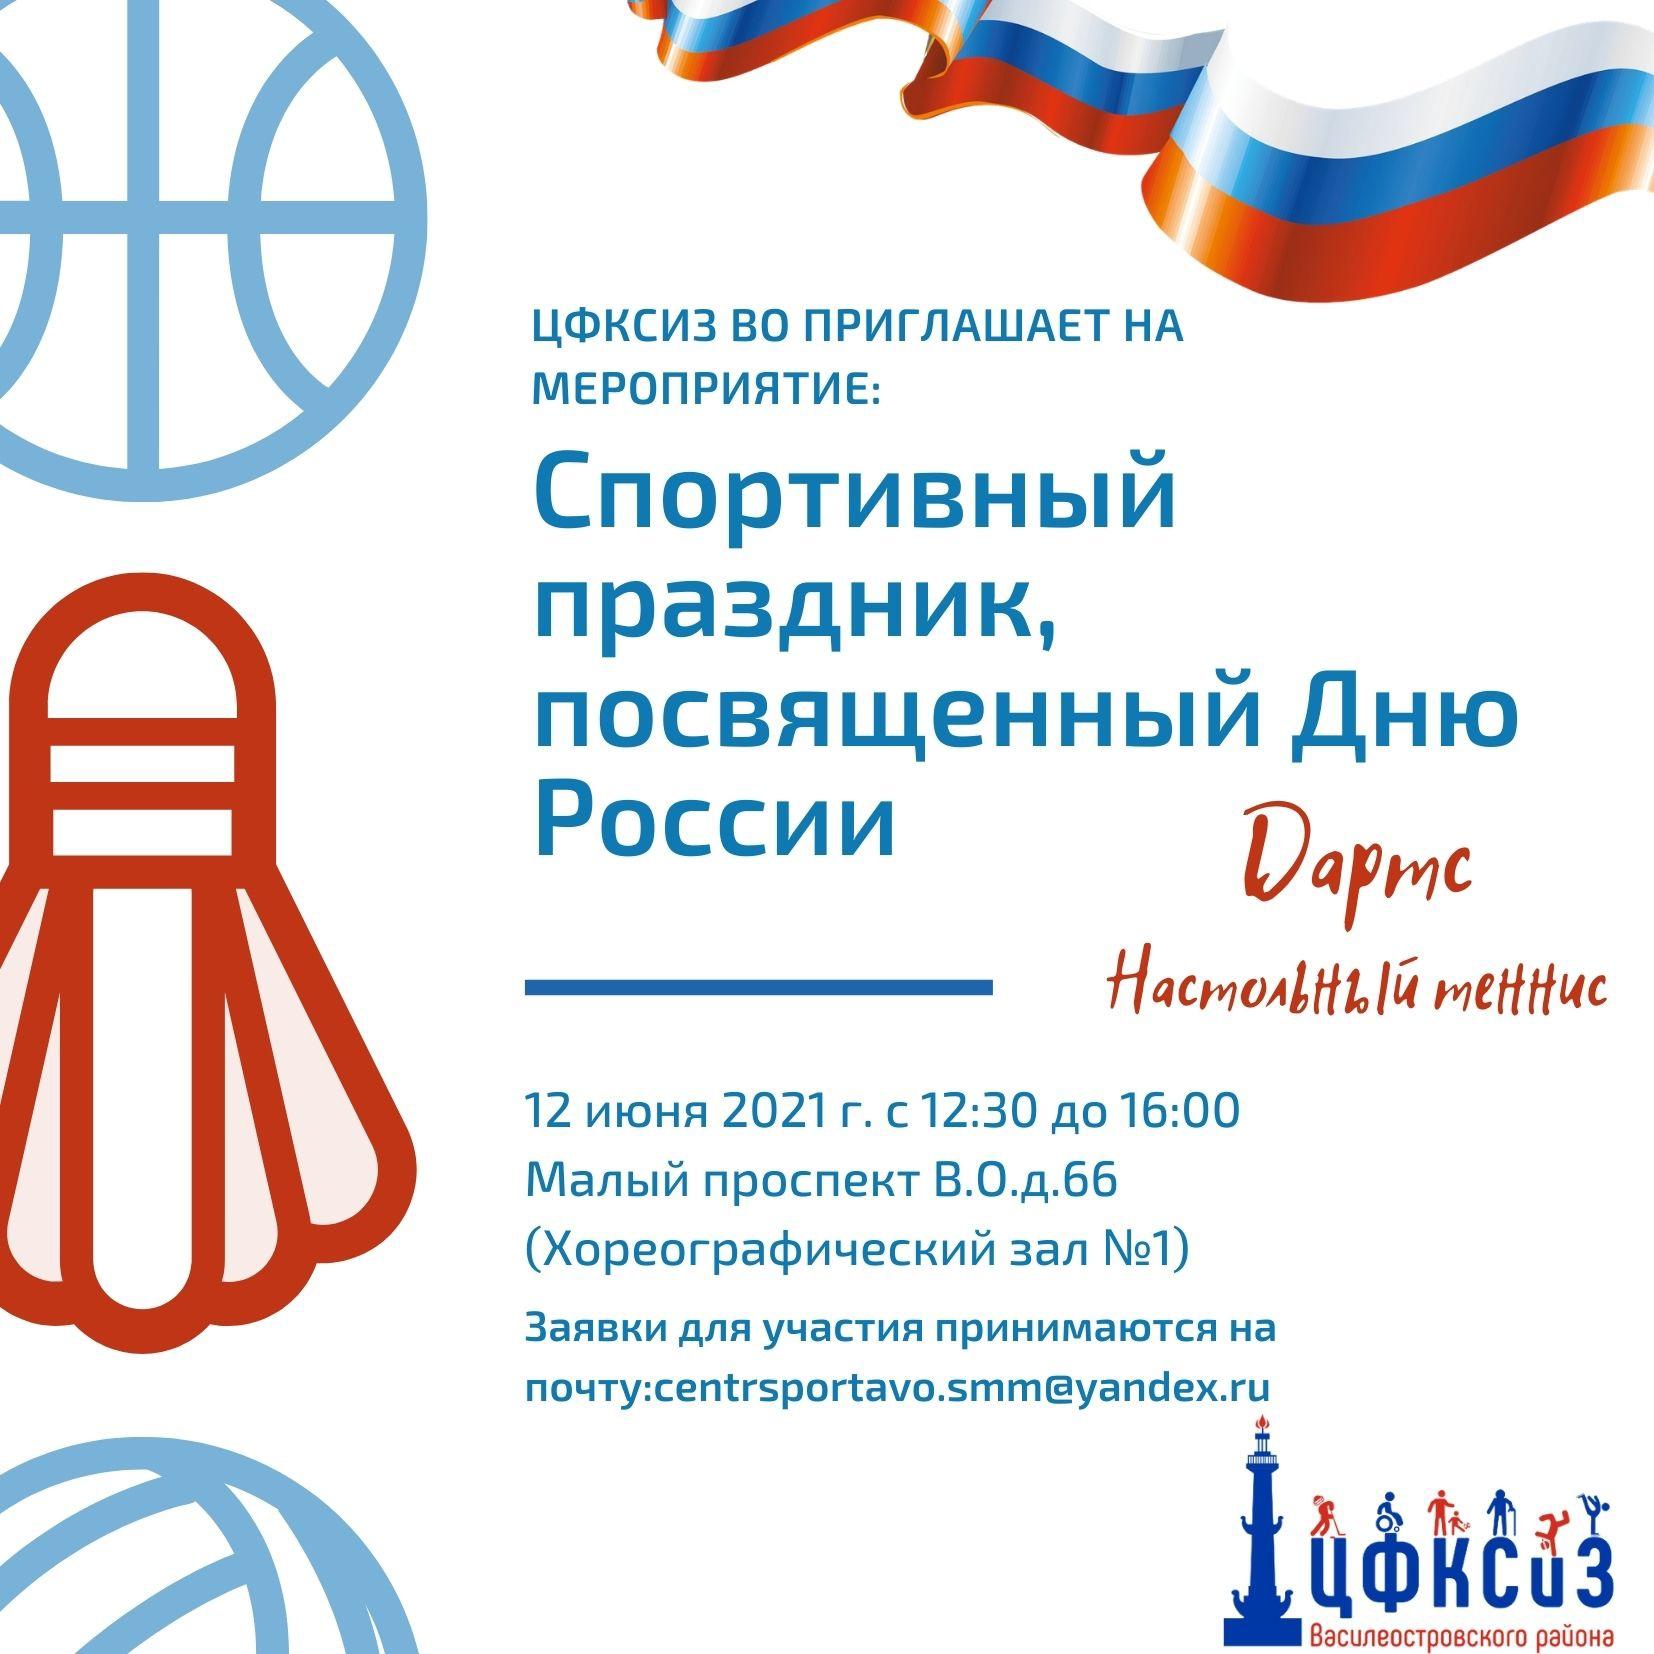 Спортивный праздник, посвященный Дню России